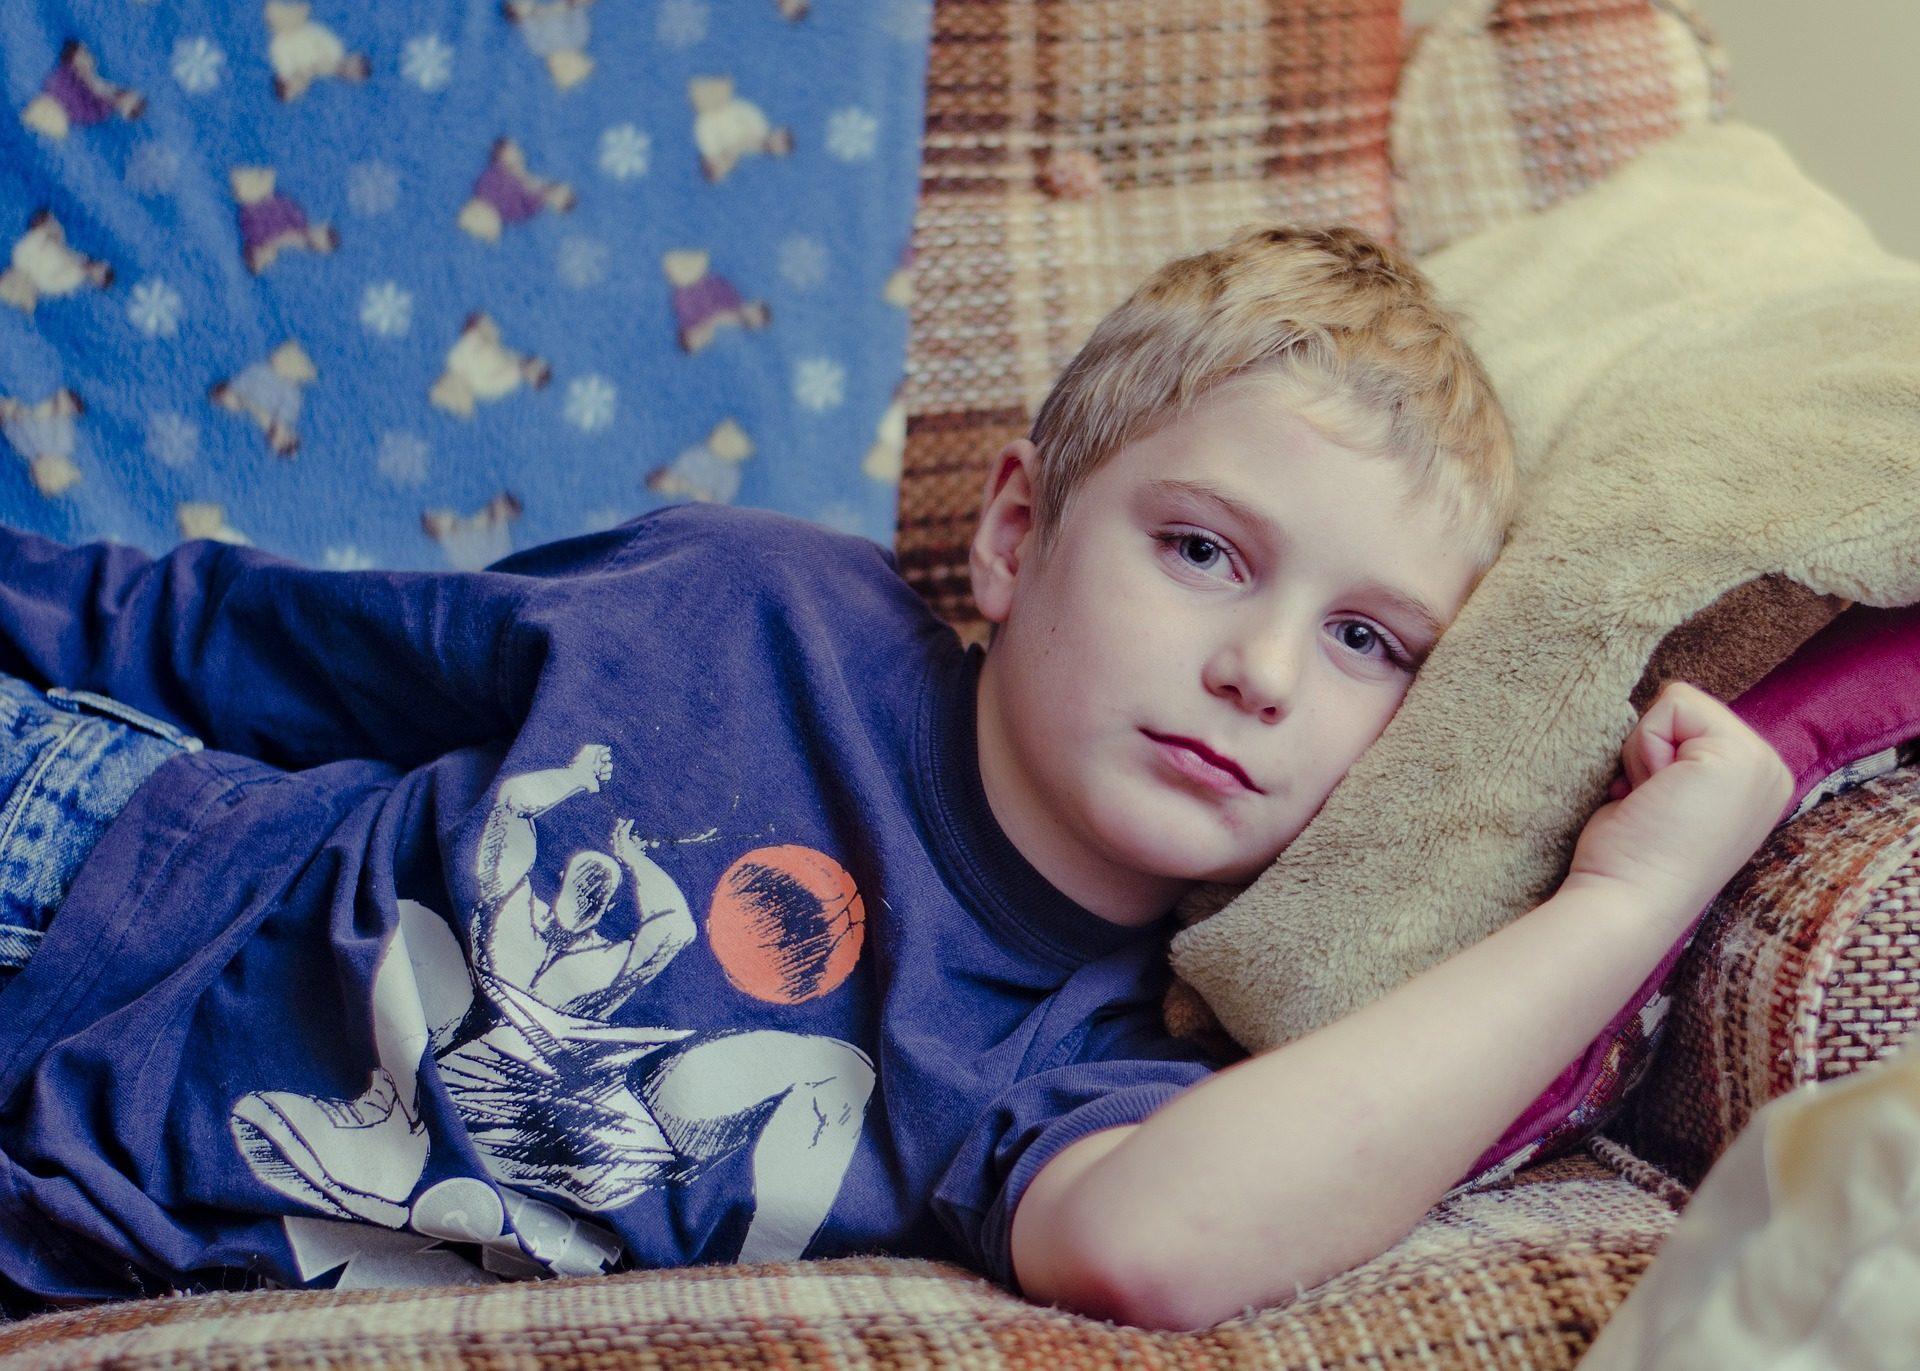 Welche Hausmitteln helfen gegen Durchfall bei Kindern?